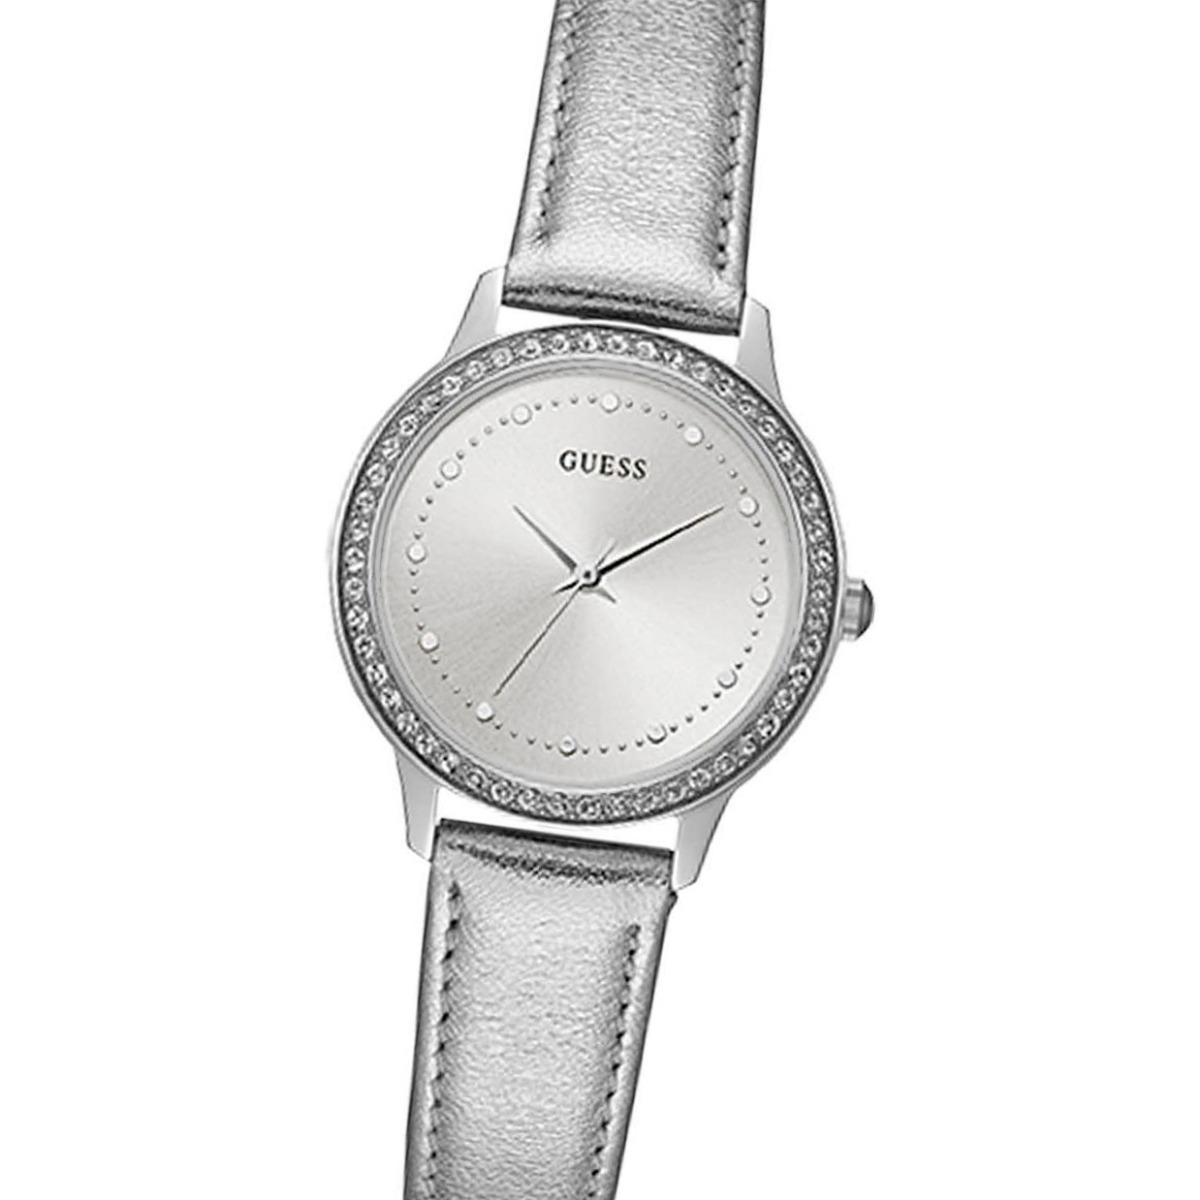 Cuero Guess Swarovski Reloj Acero Chelsea W0648l17 Malla sxhQCtrdB